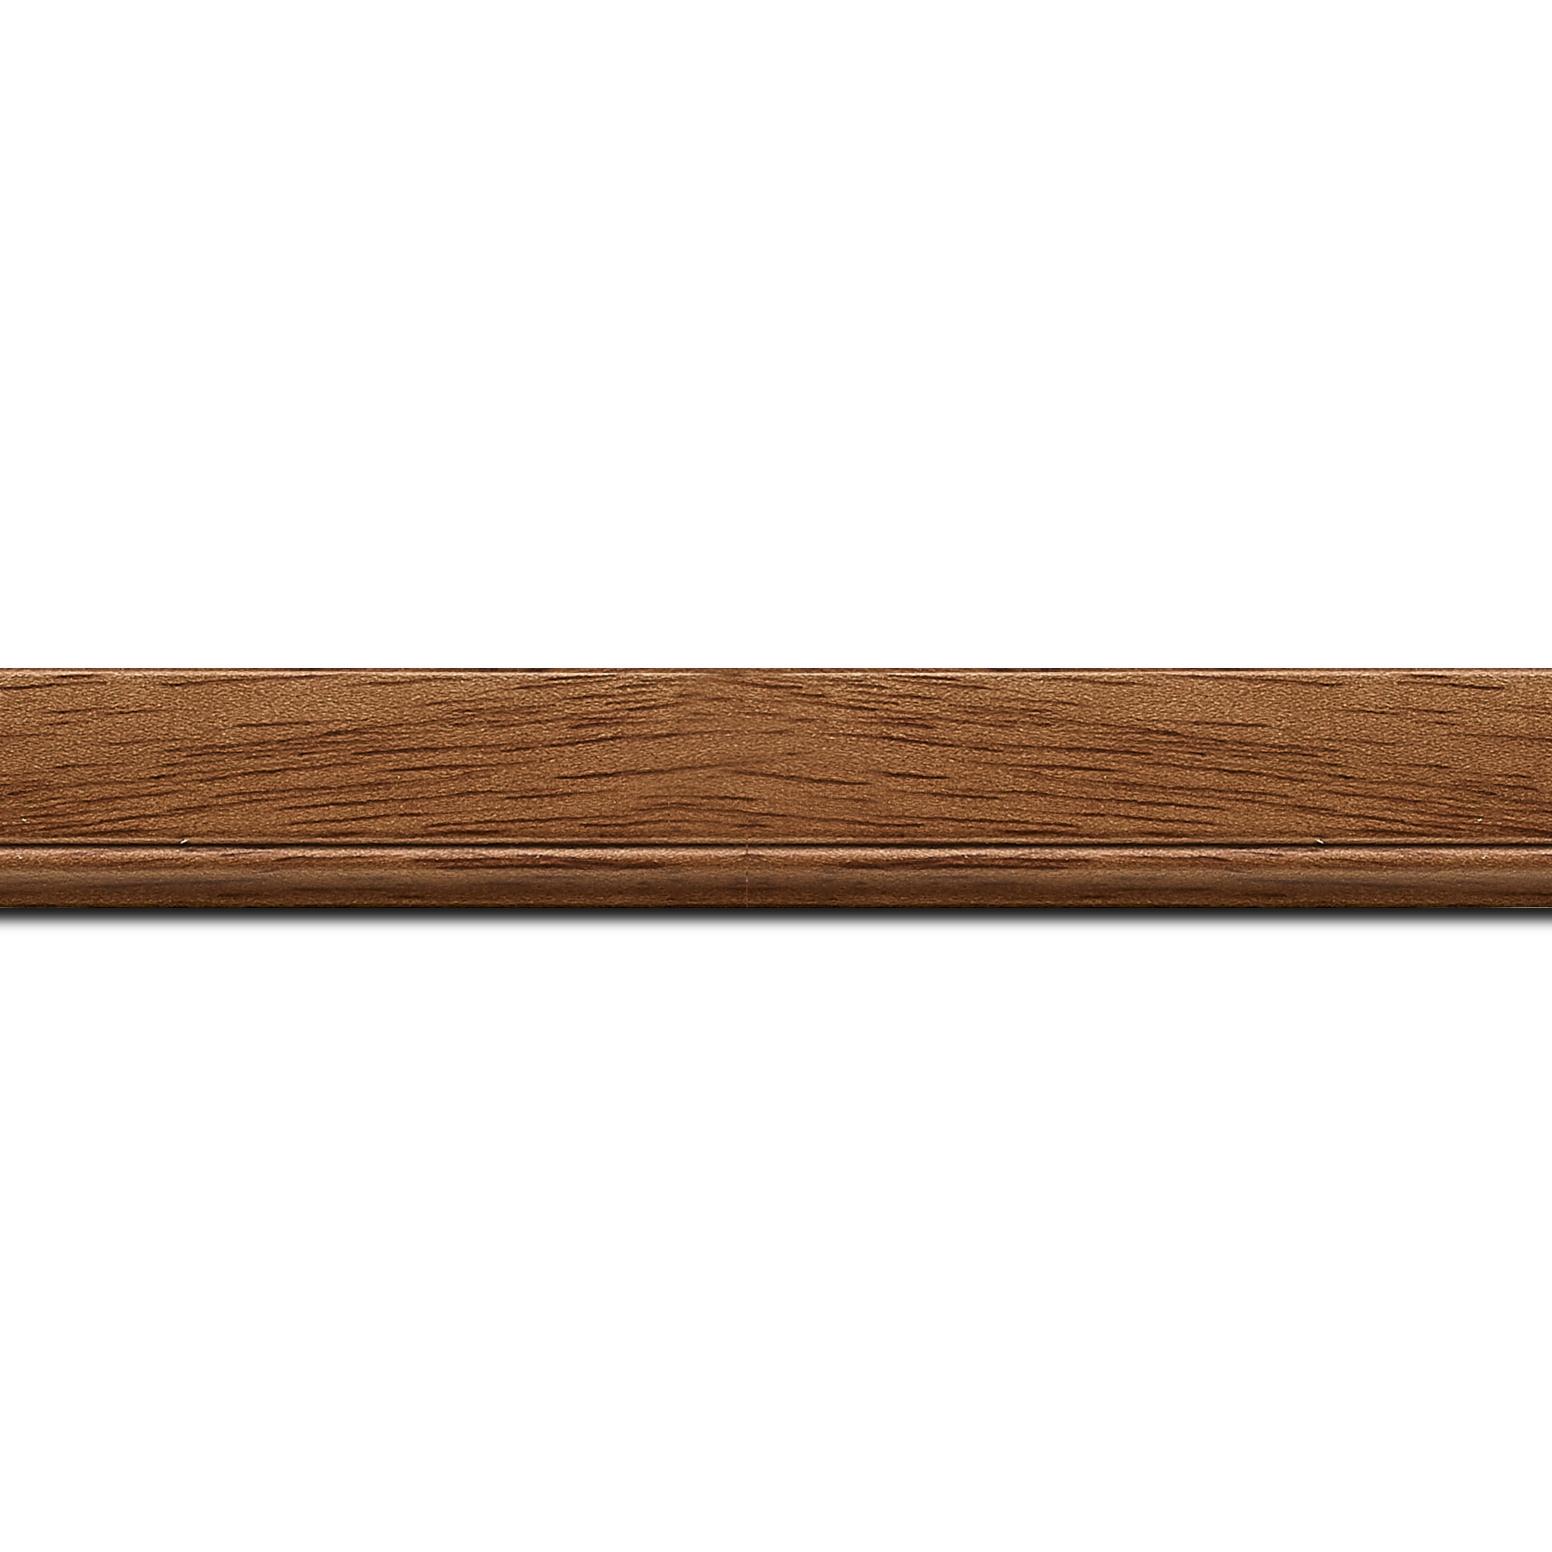 Pack par 12m, bois profil plat largeur 2.5cm couleur marron ton bois (longueur baguette pouvant varier entre 2.40m et 3m selon arrivage des bois)